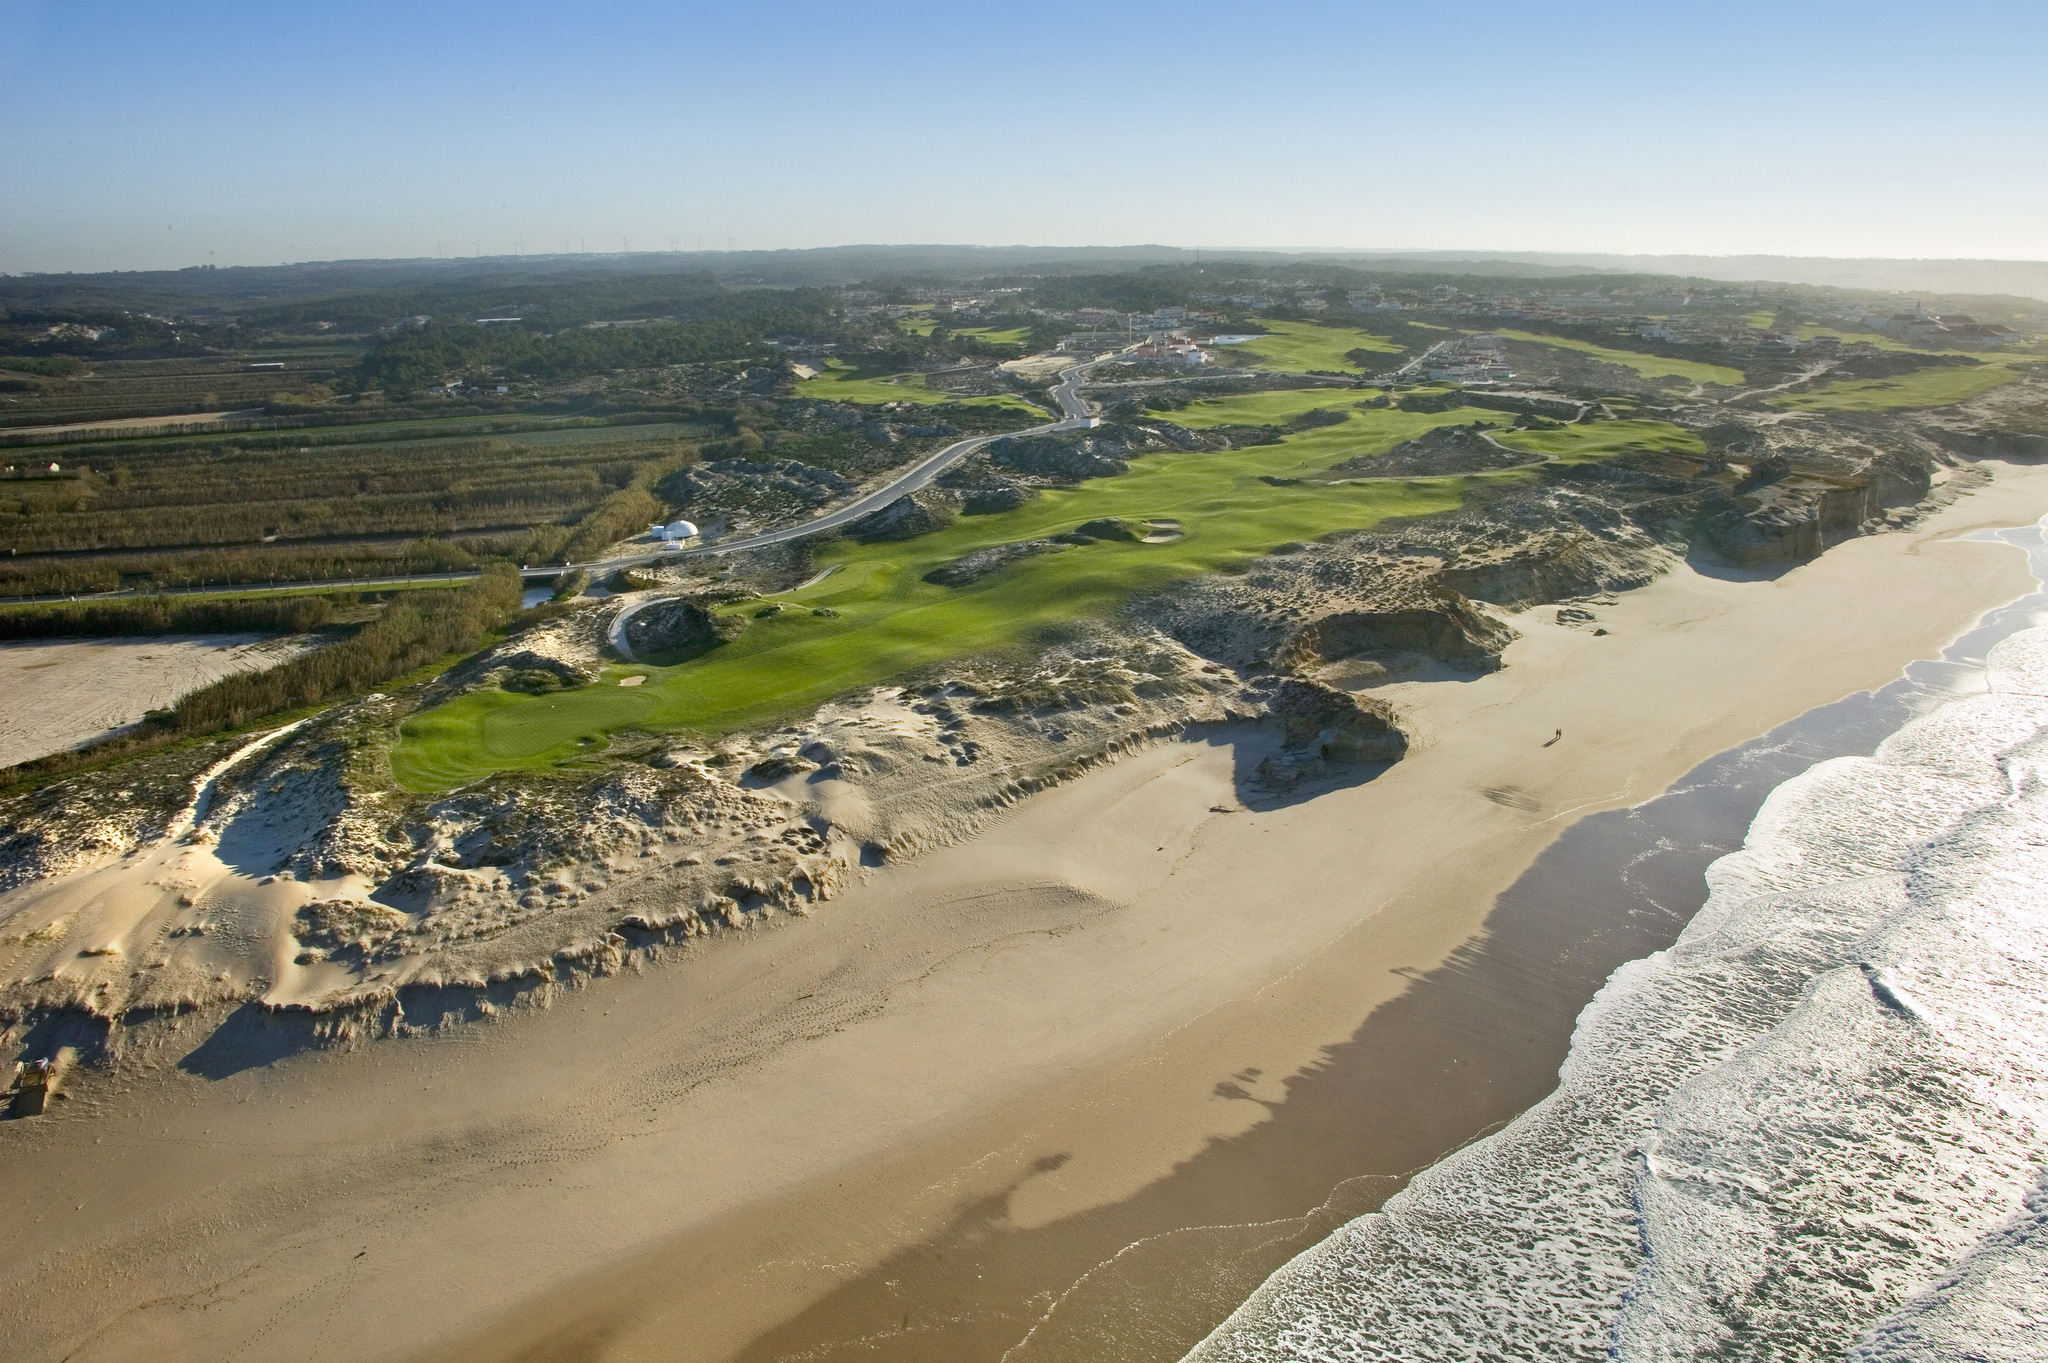 praia-del-rey-beach-golf-resort-the-village 3238